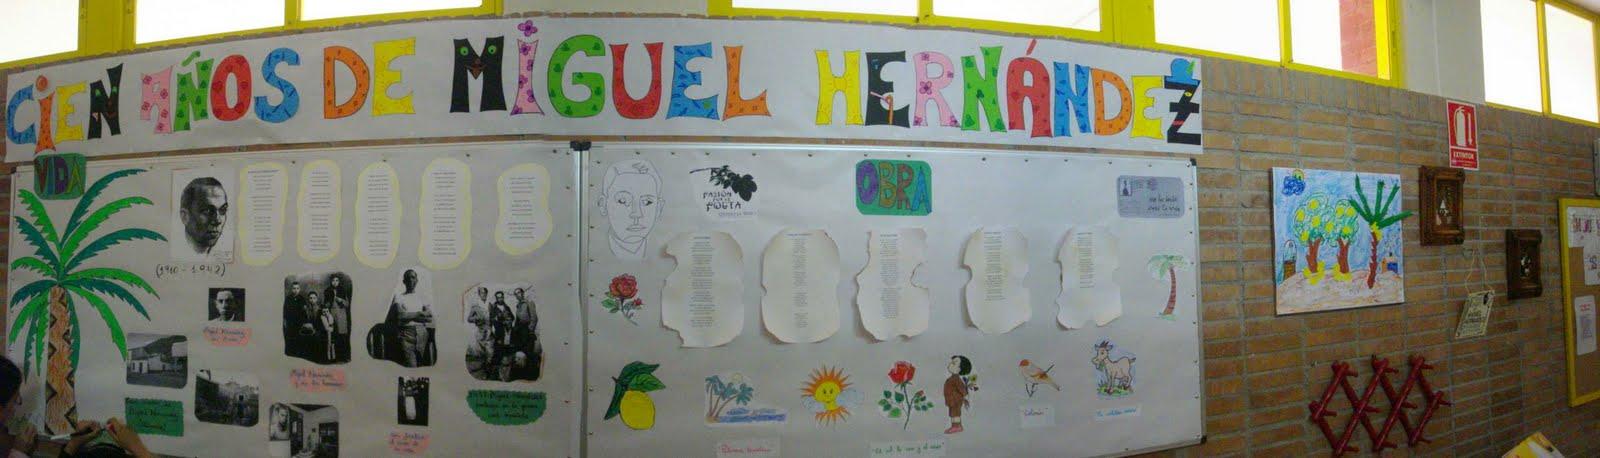 Poemas Alusivos Al Aniversario Del Colegio | MEJOR CONJUNTO DE FRASES